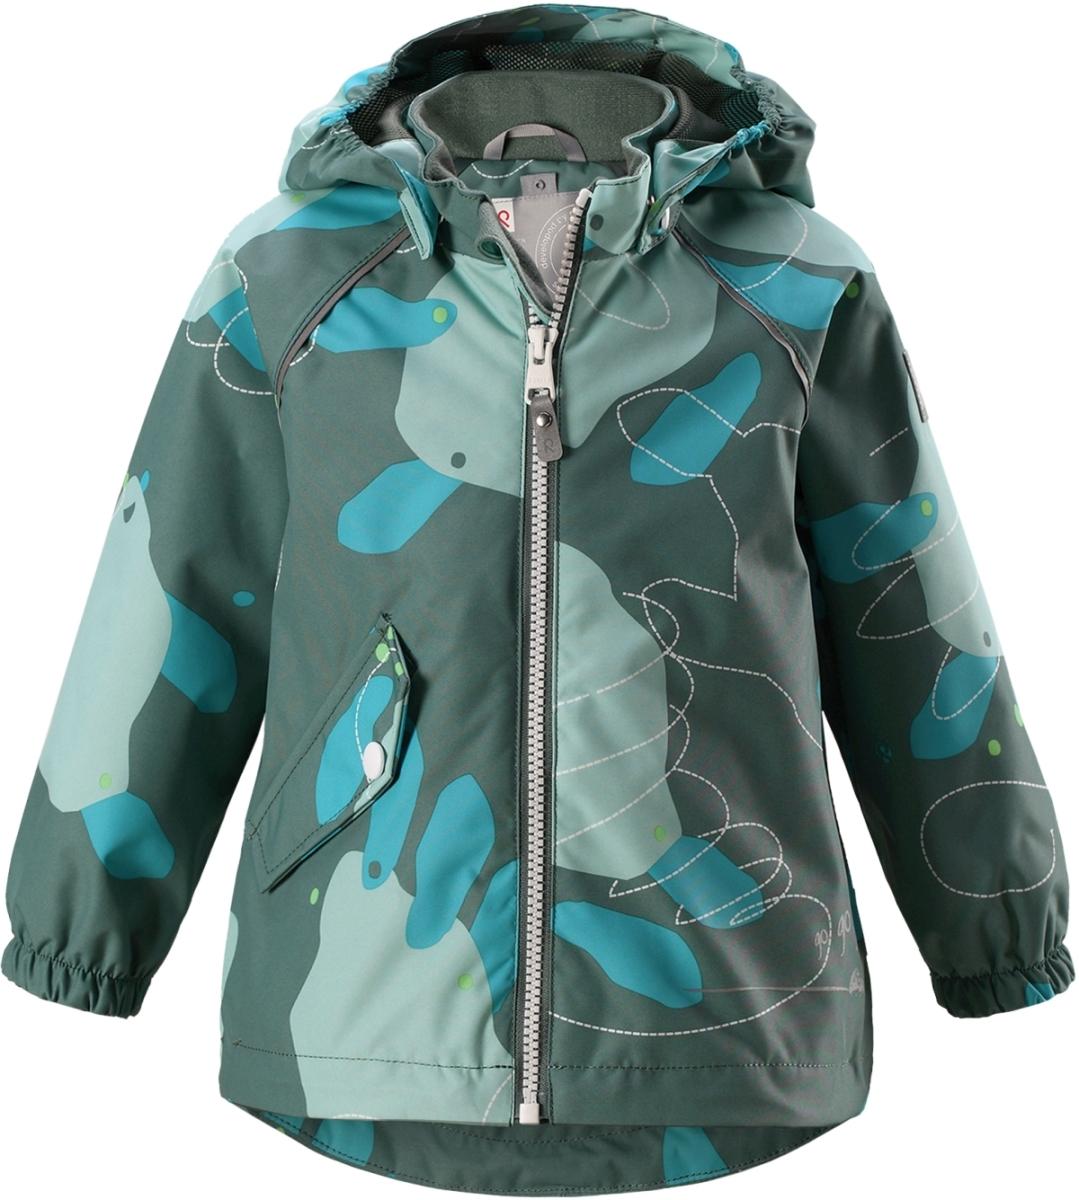 Dětská membránová bunda Reima Forest - Soft green - Skibi Kids f1a04c5e0b